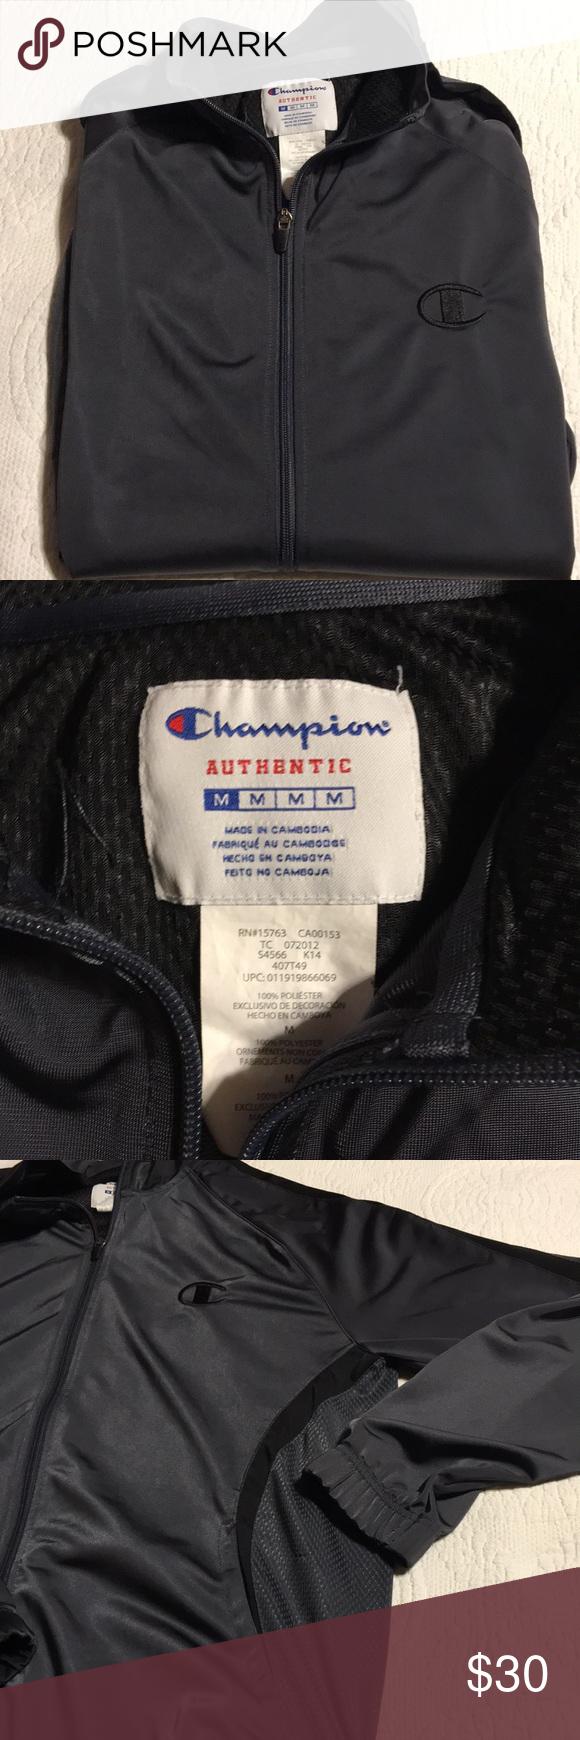 5 25 Champion Athletic Jacket Size Medium Jackets Athletic Jacket Champion Jacket [ 1740 x 580 Pixel ]